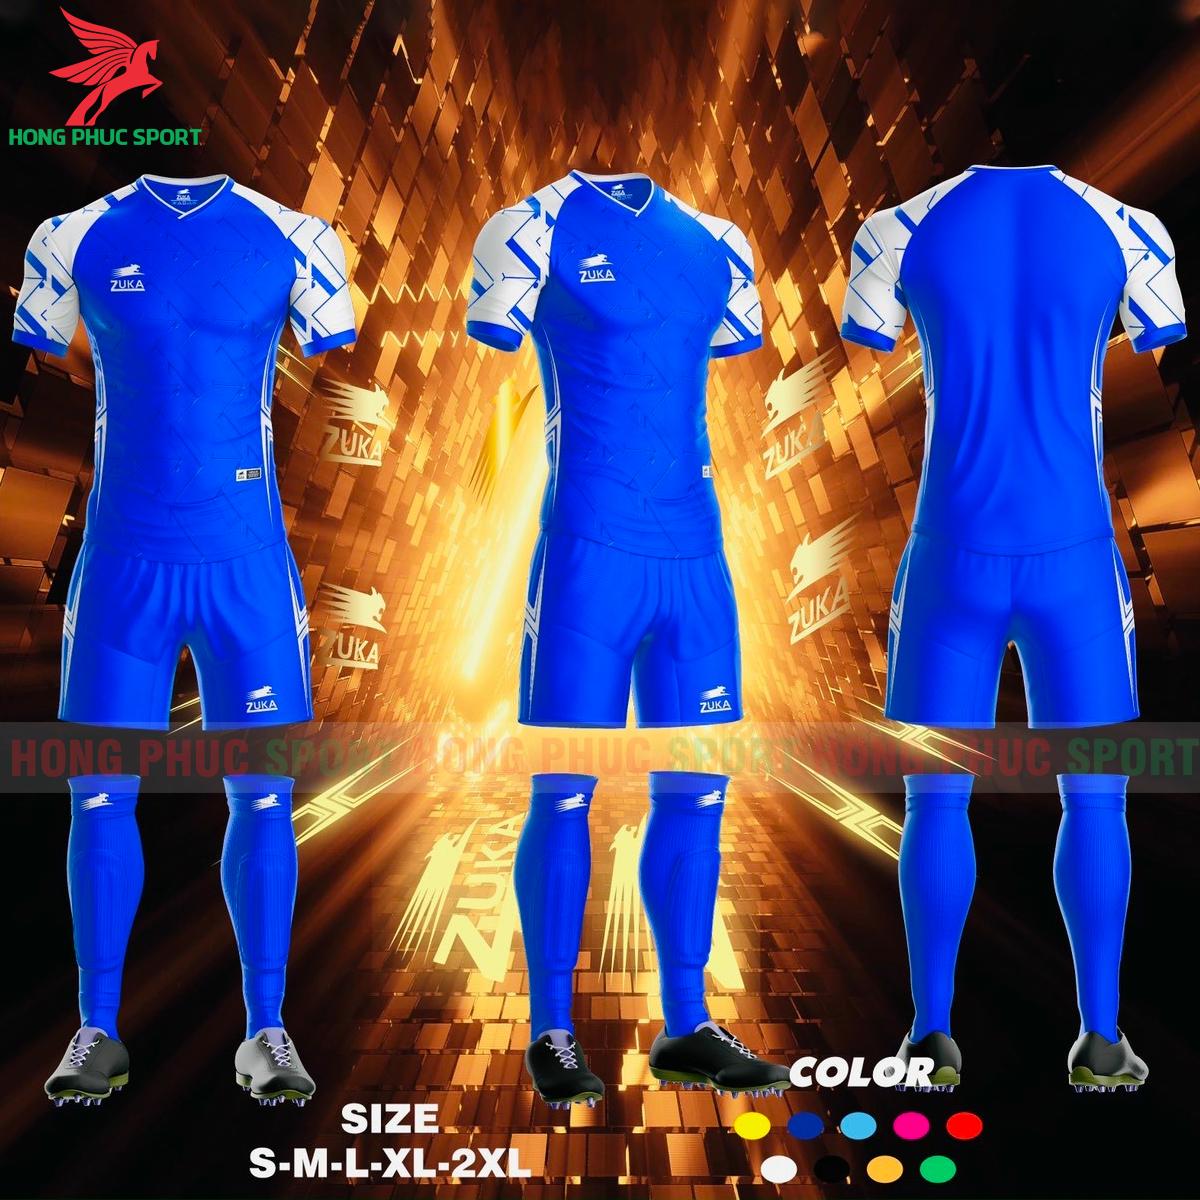 https://cdn.hongphucsport.com/unsafe/s4.shopbay.vn/files/285/ao-bong-da-khong-logo-zuka-spf01-mau-xanh-duong-606be2d2f416e.png